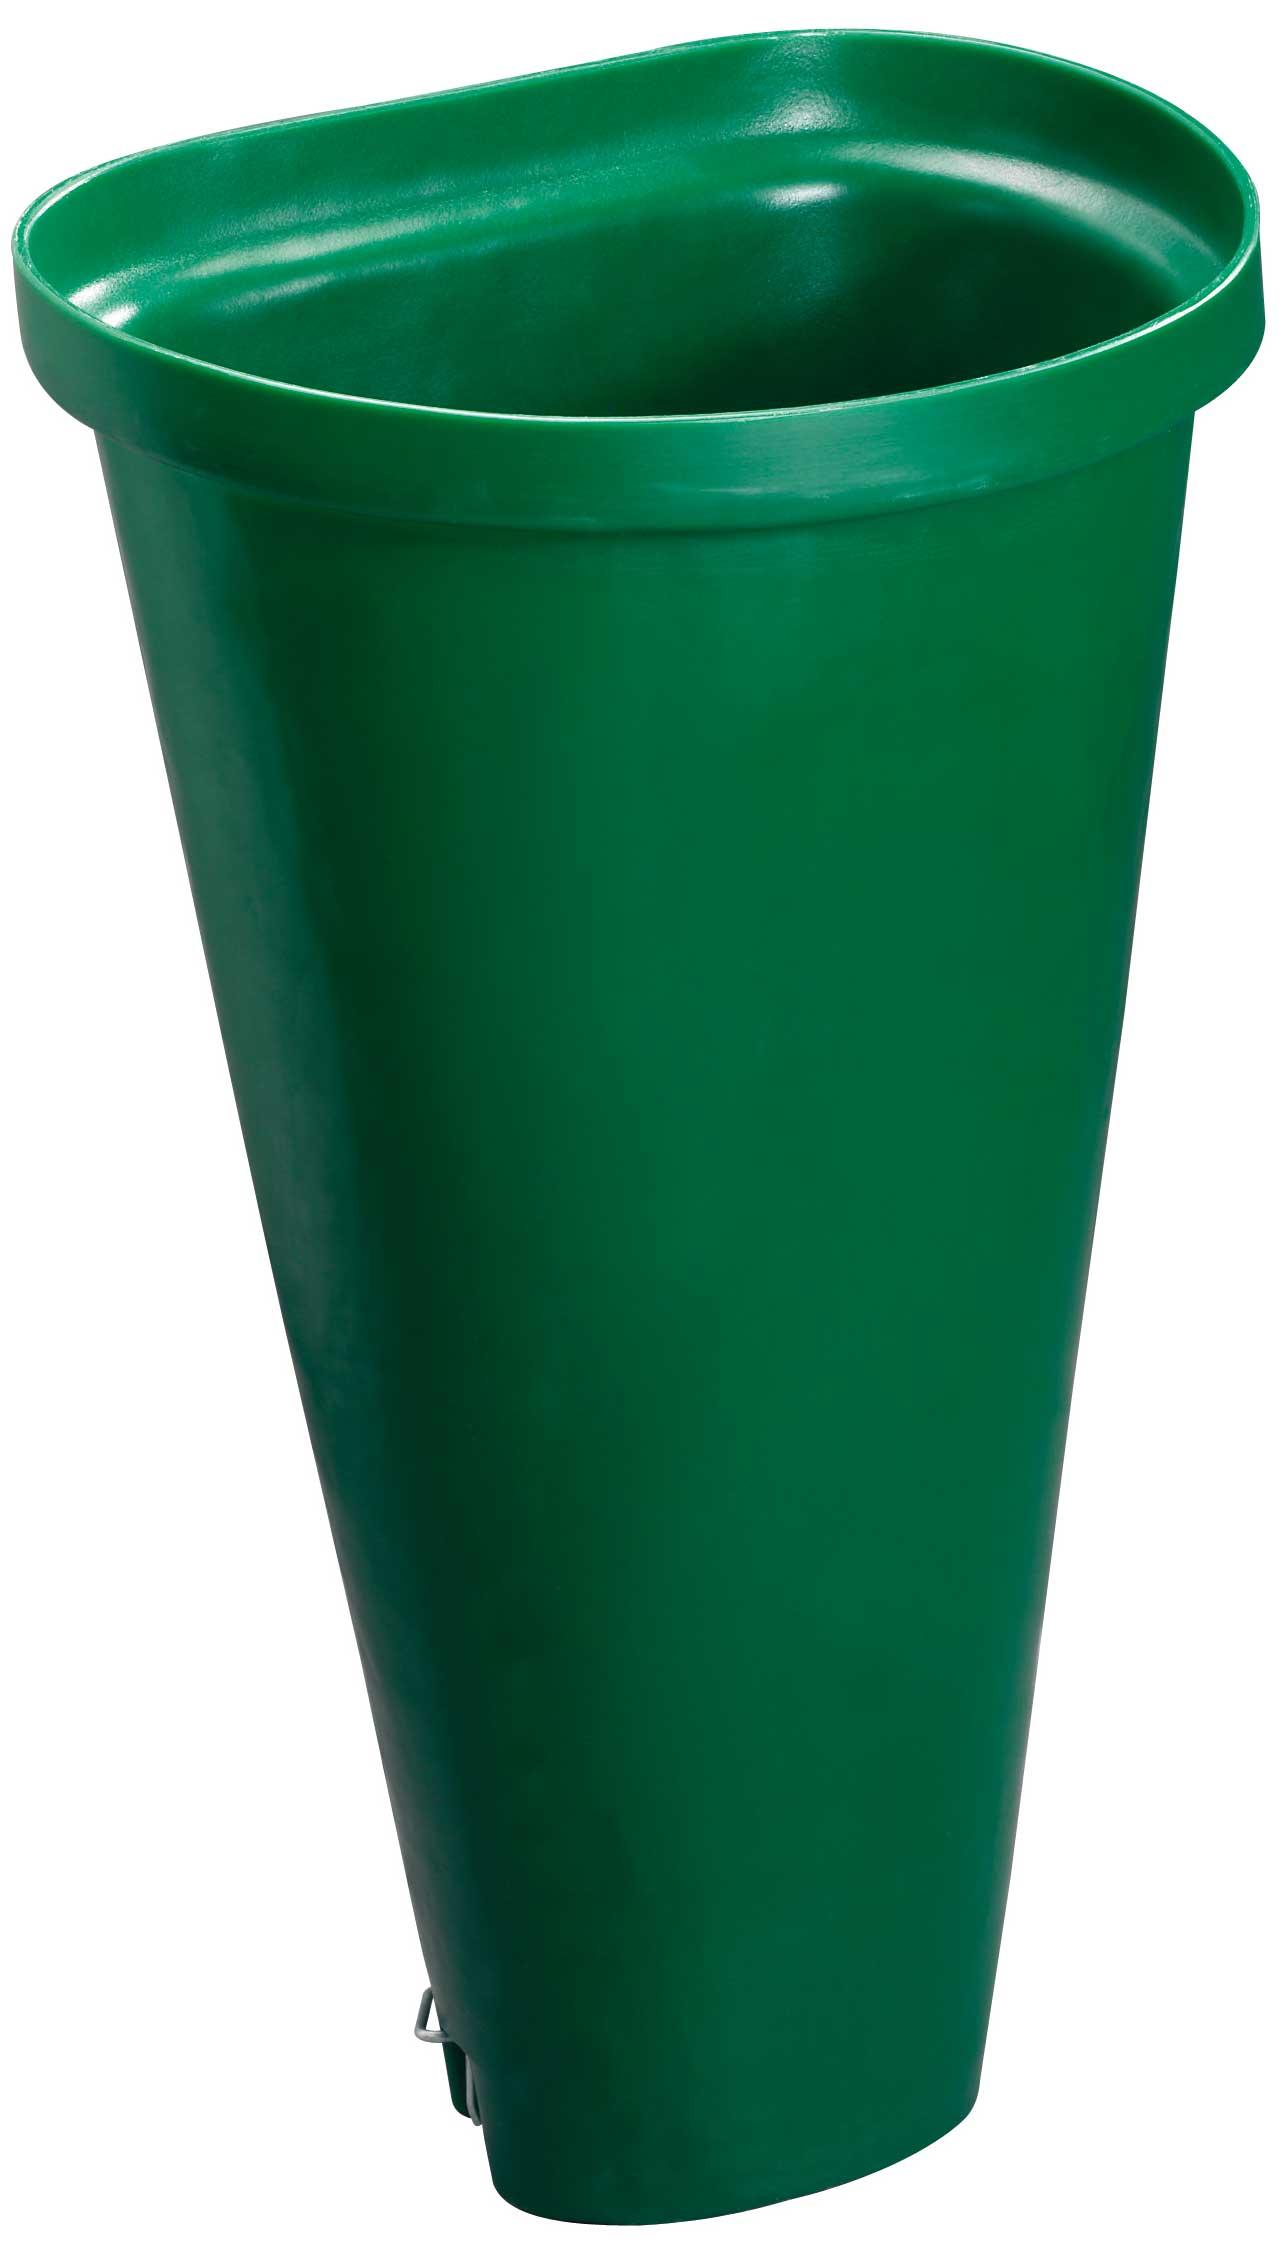 """Tragebütte / Weinlese Bütte """"Jugend"""" 50 Liter Kunststoff grün Bild 1"""